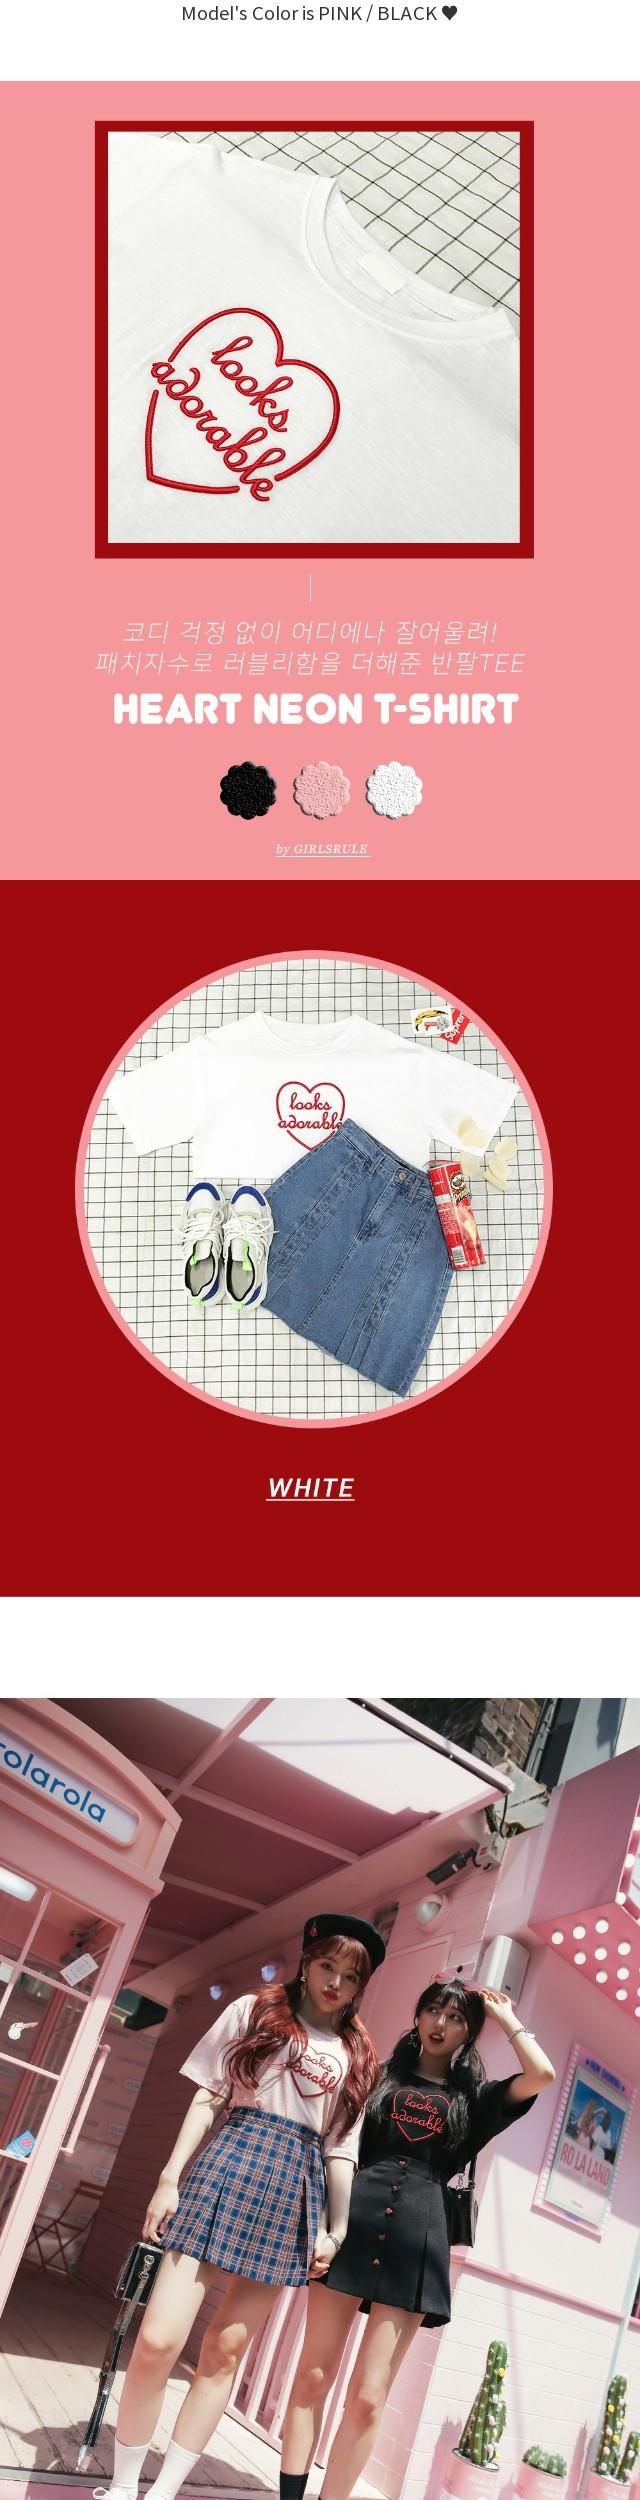 Heart Neon Short Sleeve Tee (t4638)